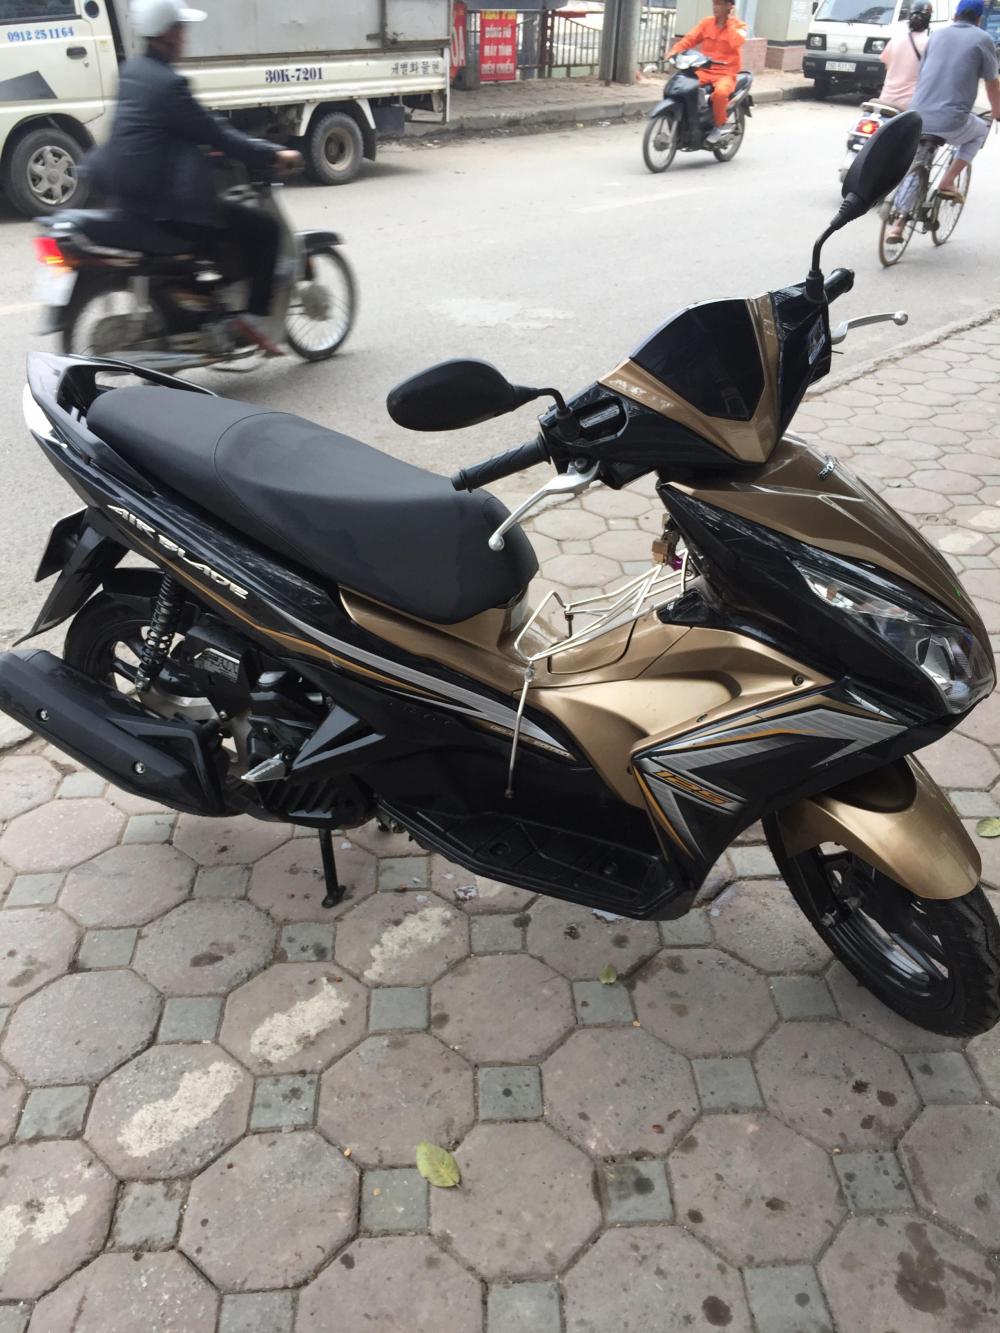 Ban xe Honda Air Blade 2015 bien Ha Noi - 2